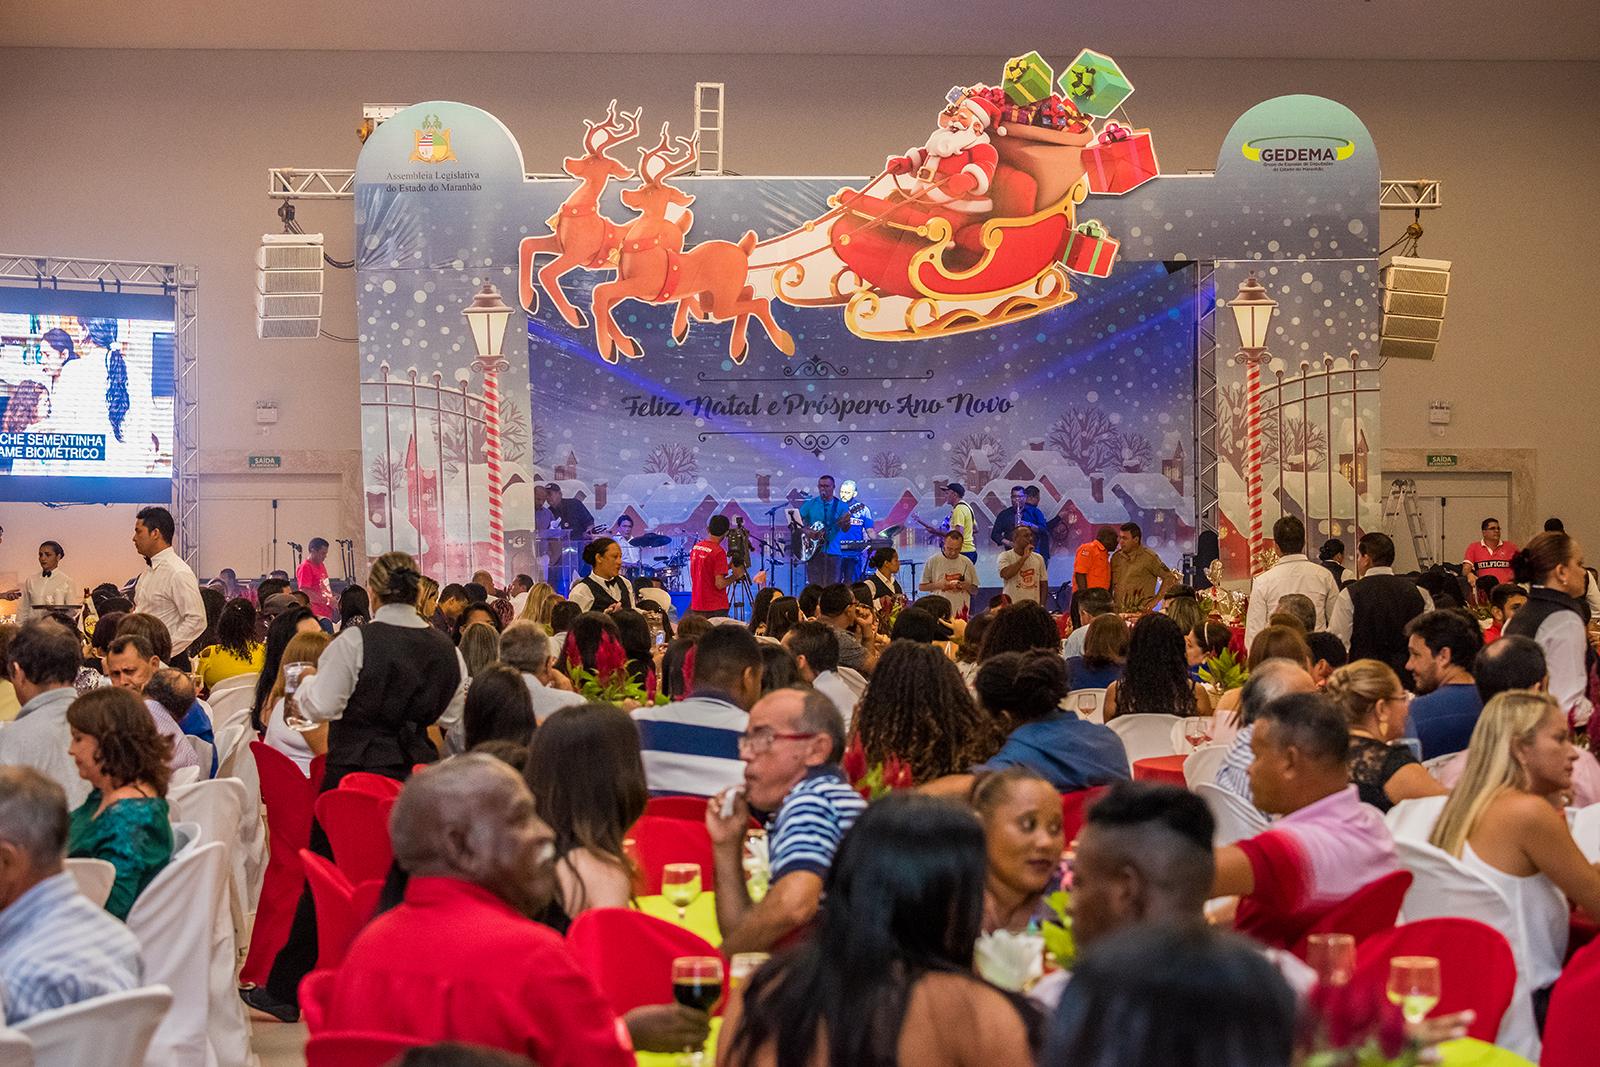 GEDEMA realiza bonita festa de confraternização dos servidores da Assembleia e familiares